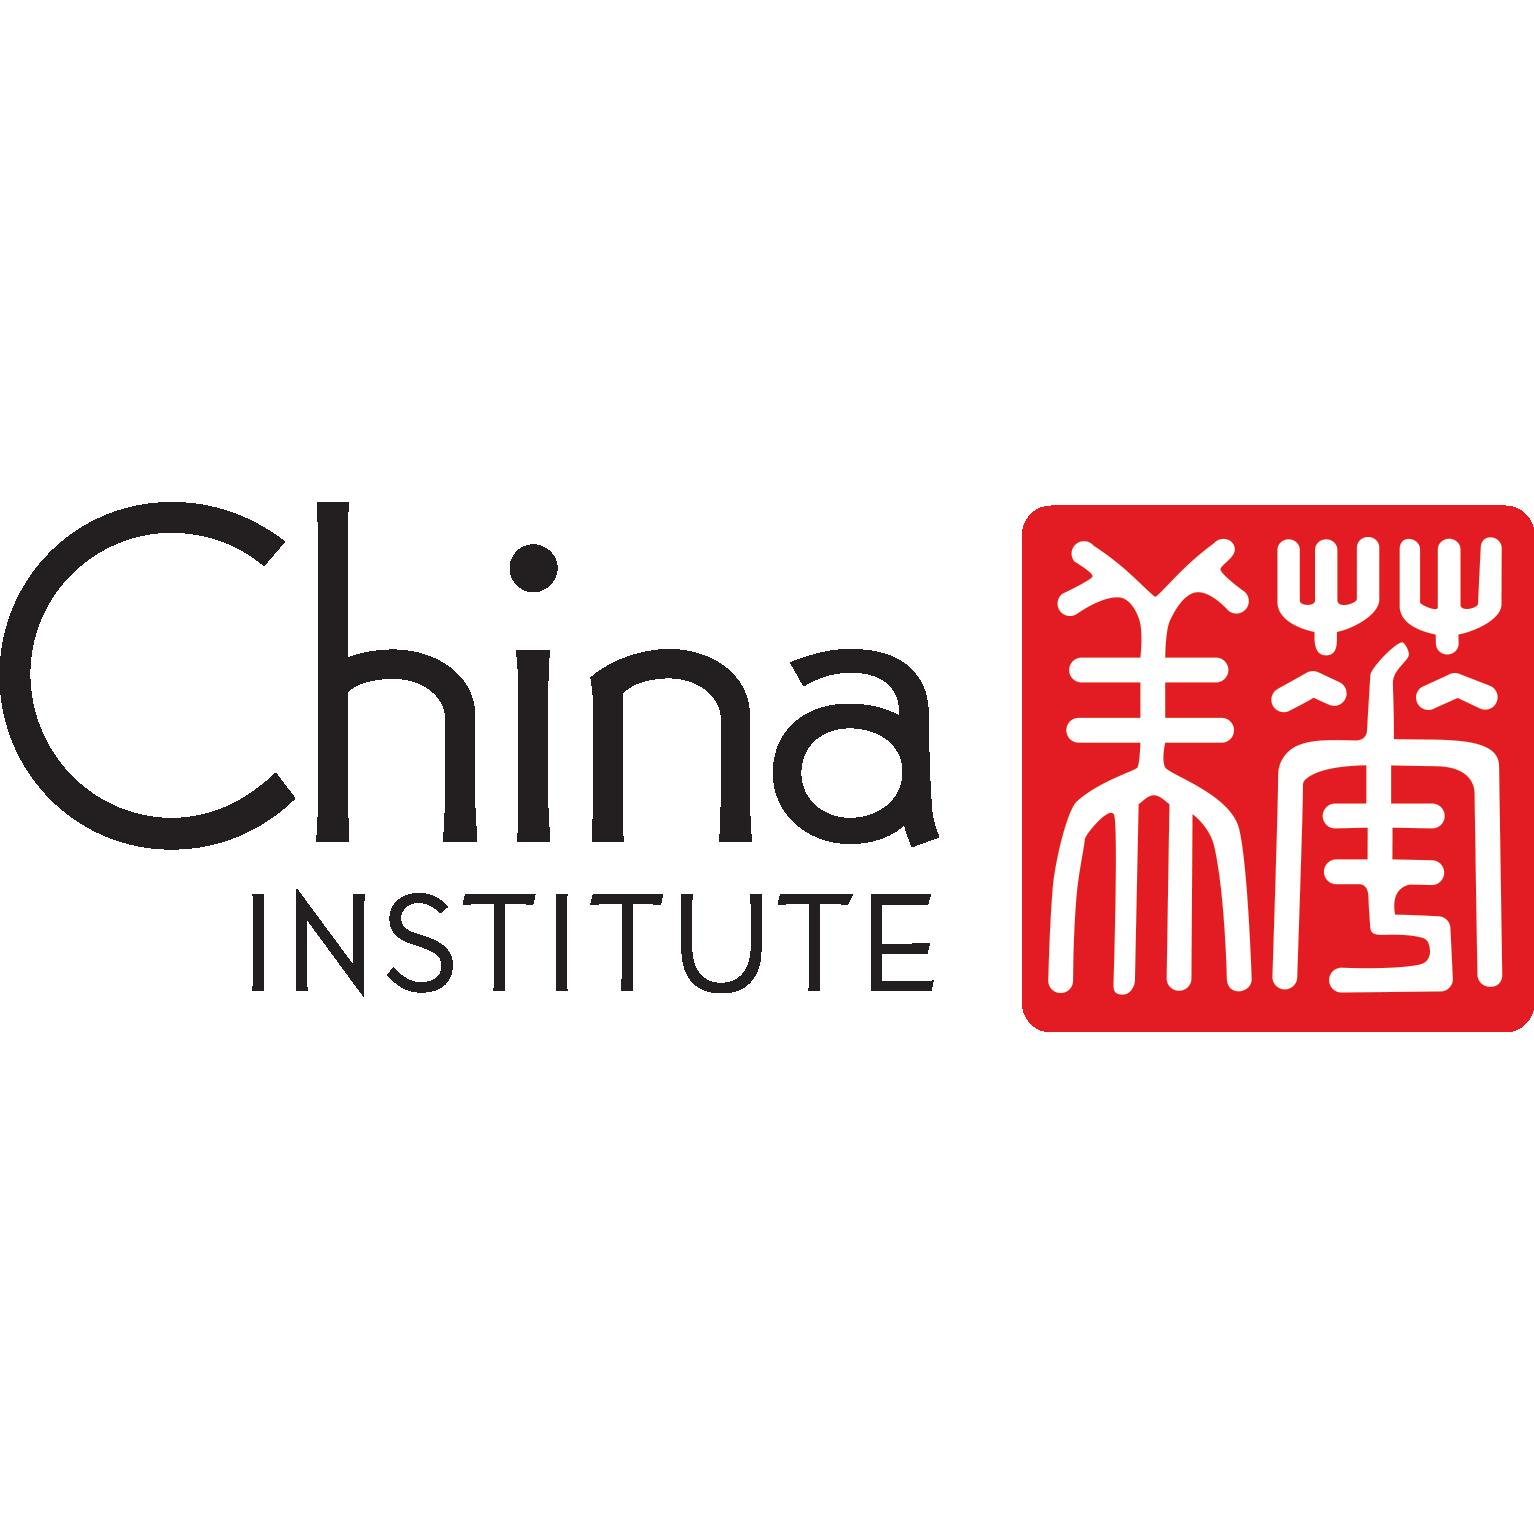 China Institute